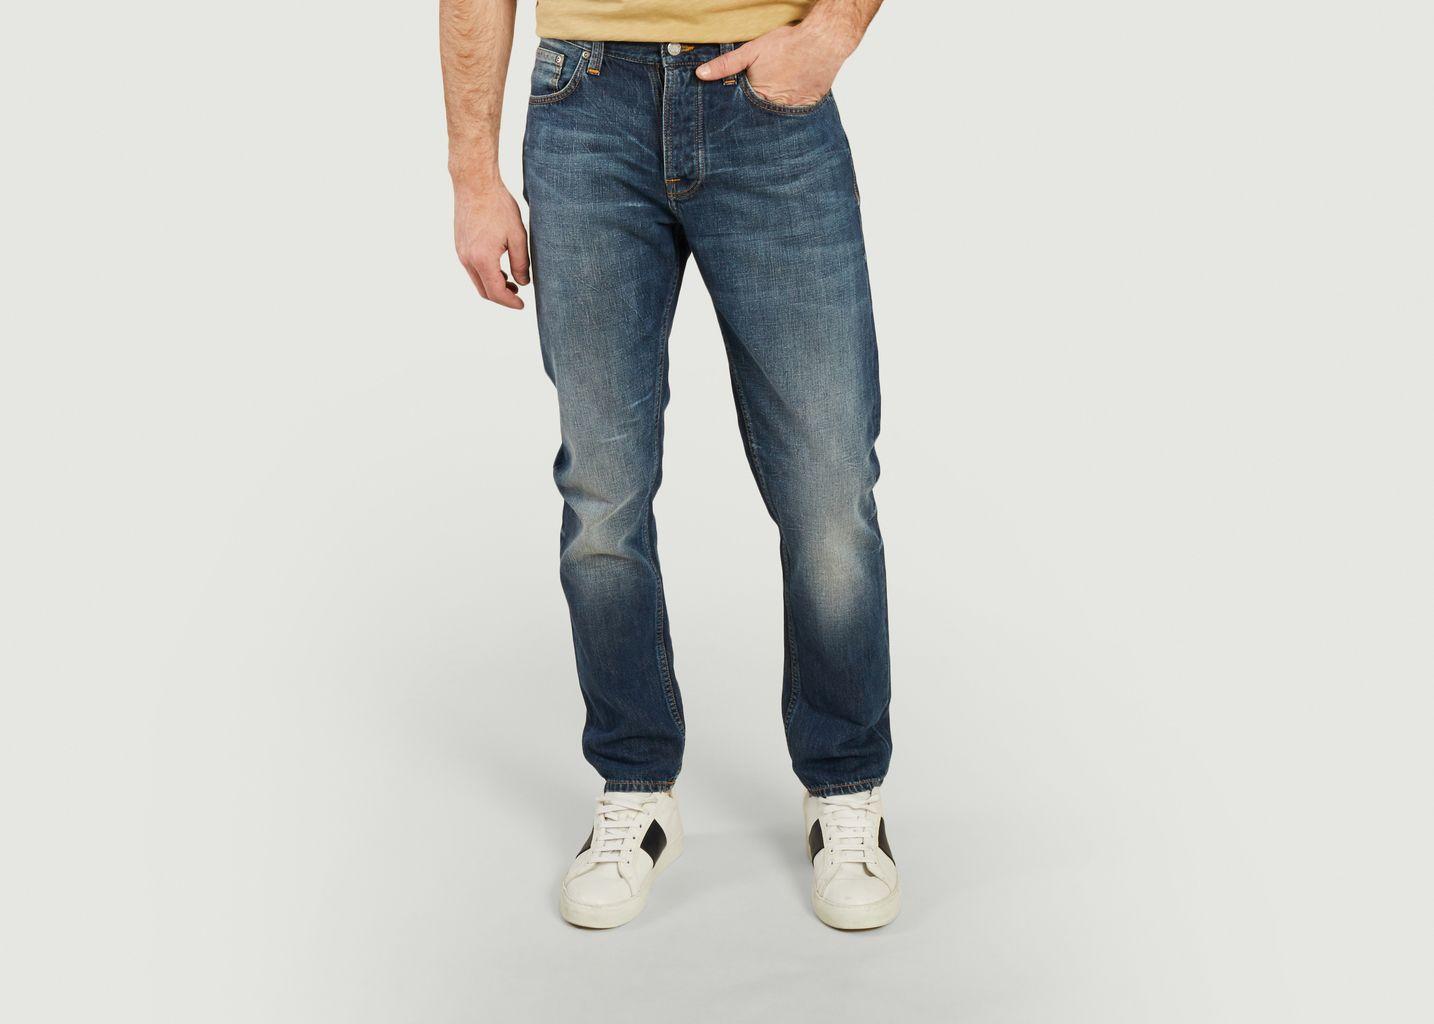 Jean Steady Eddie II - Nudie Jeans